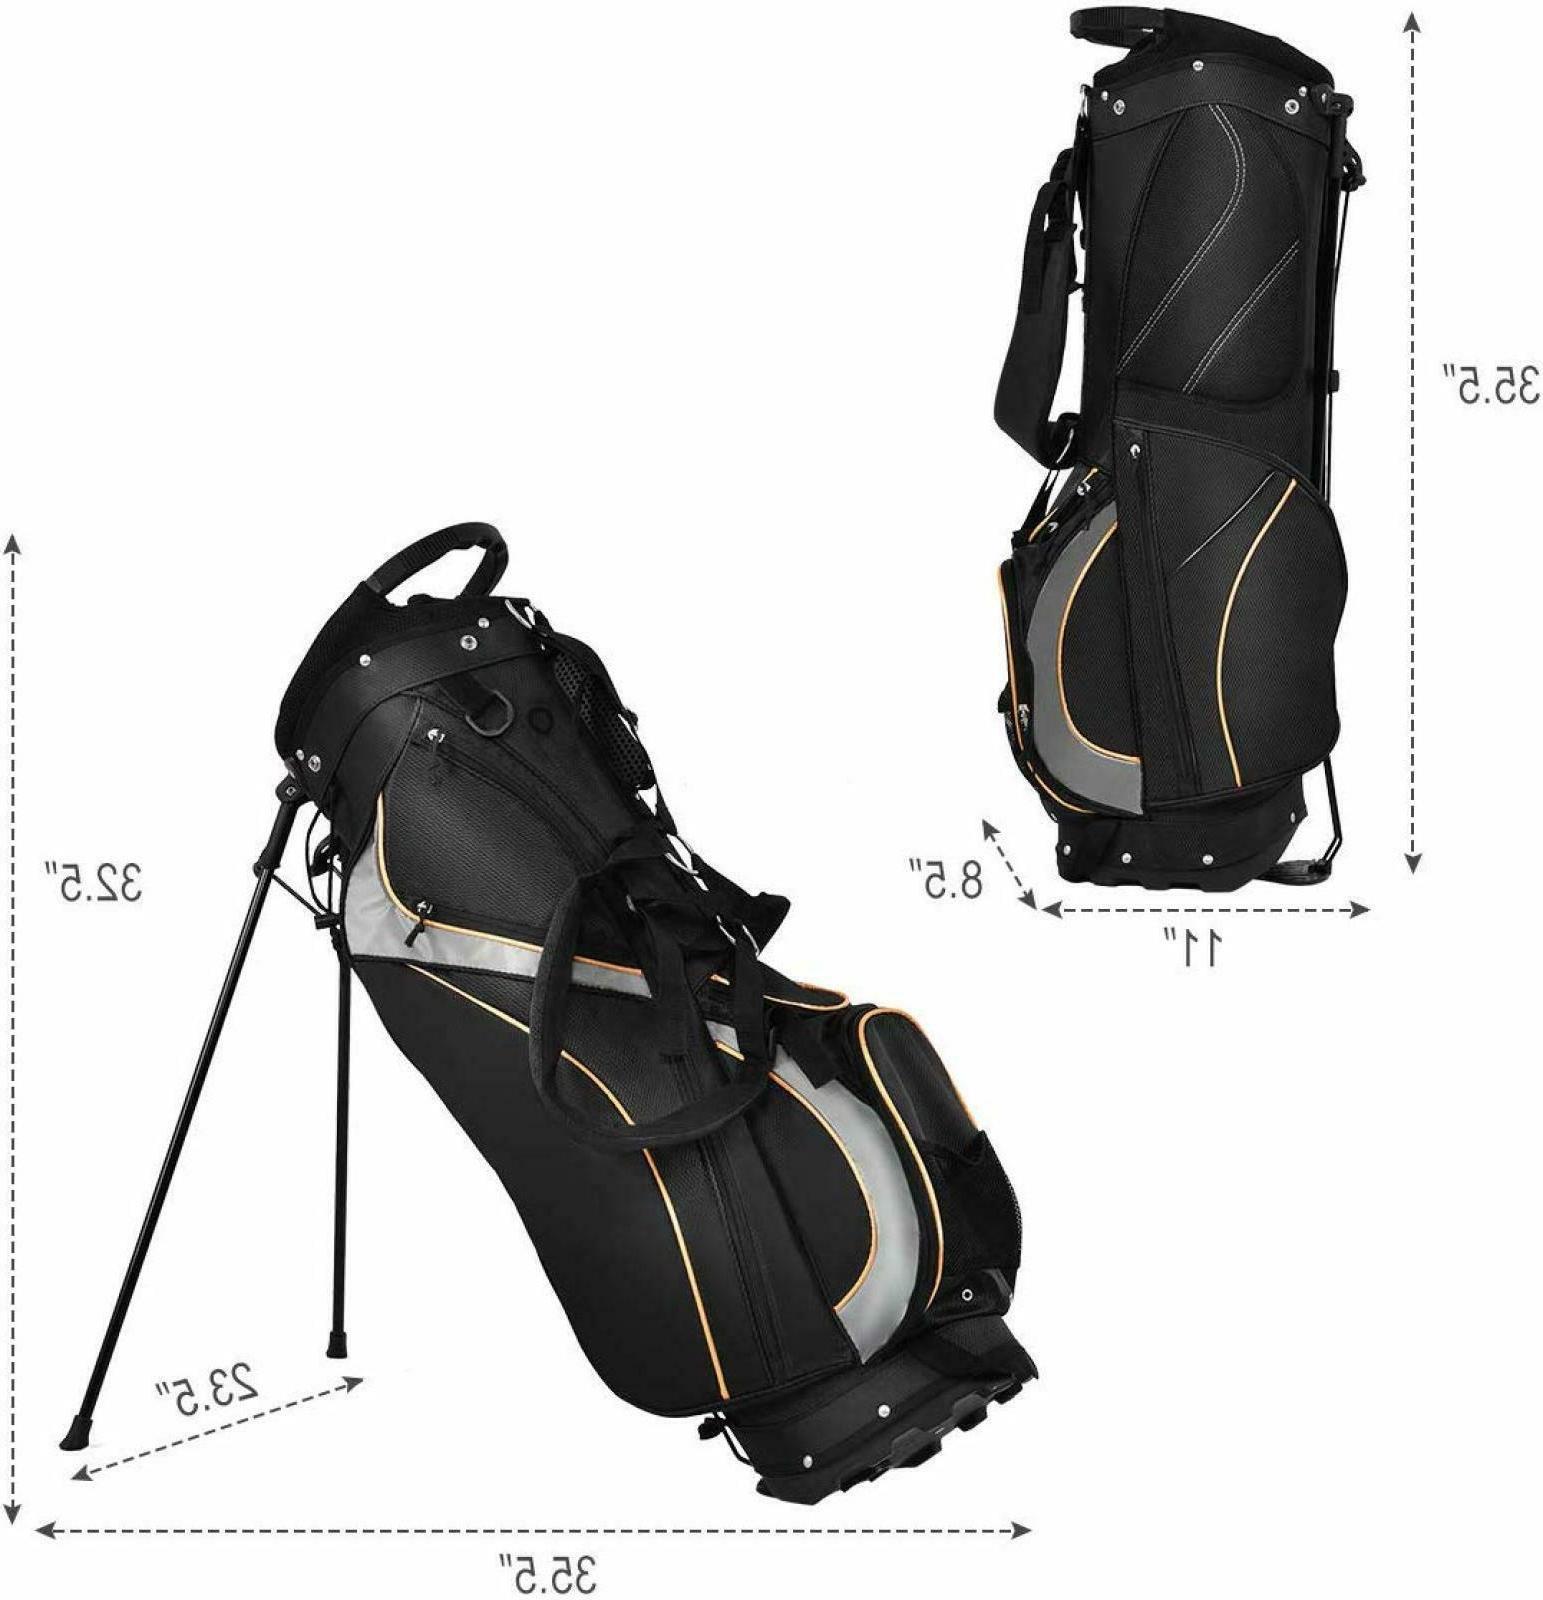 Golf 7 Way Stand Storage Travel